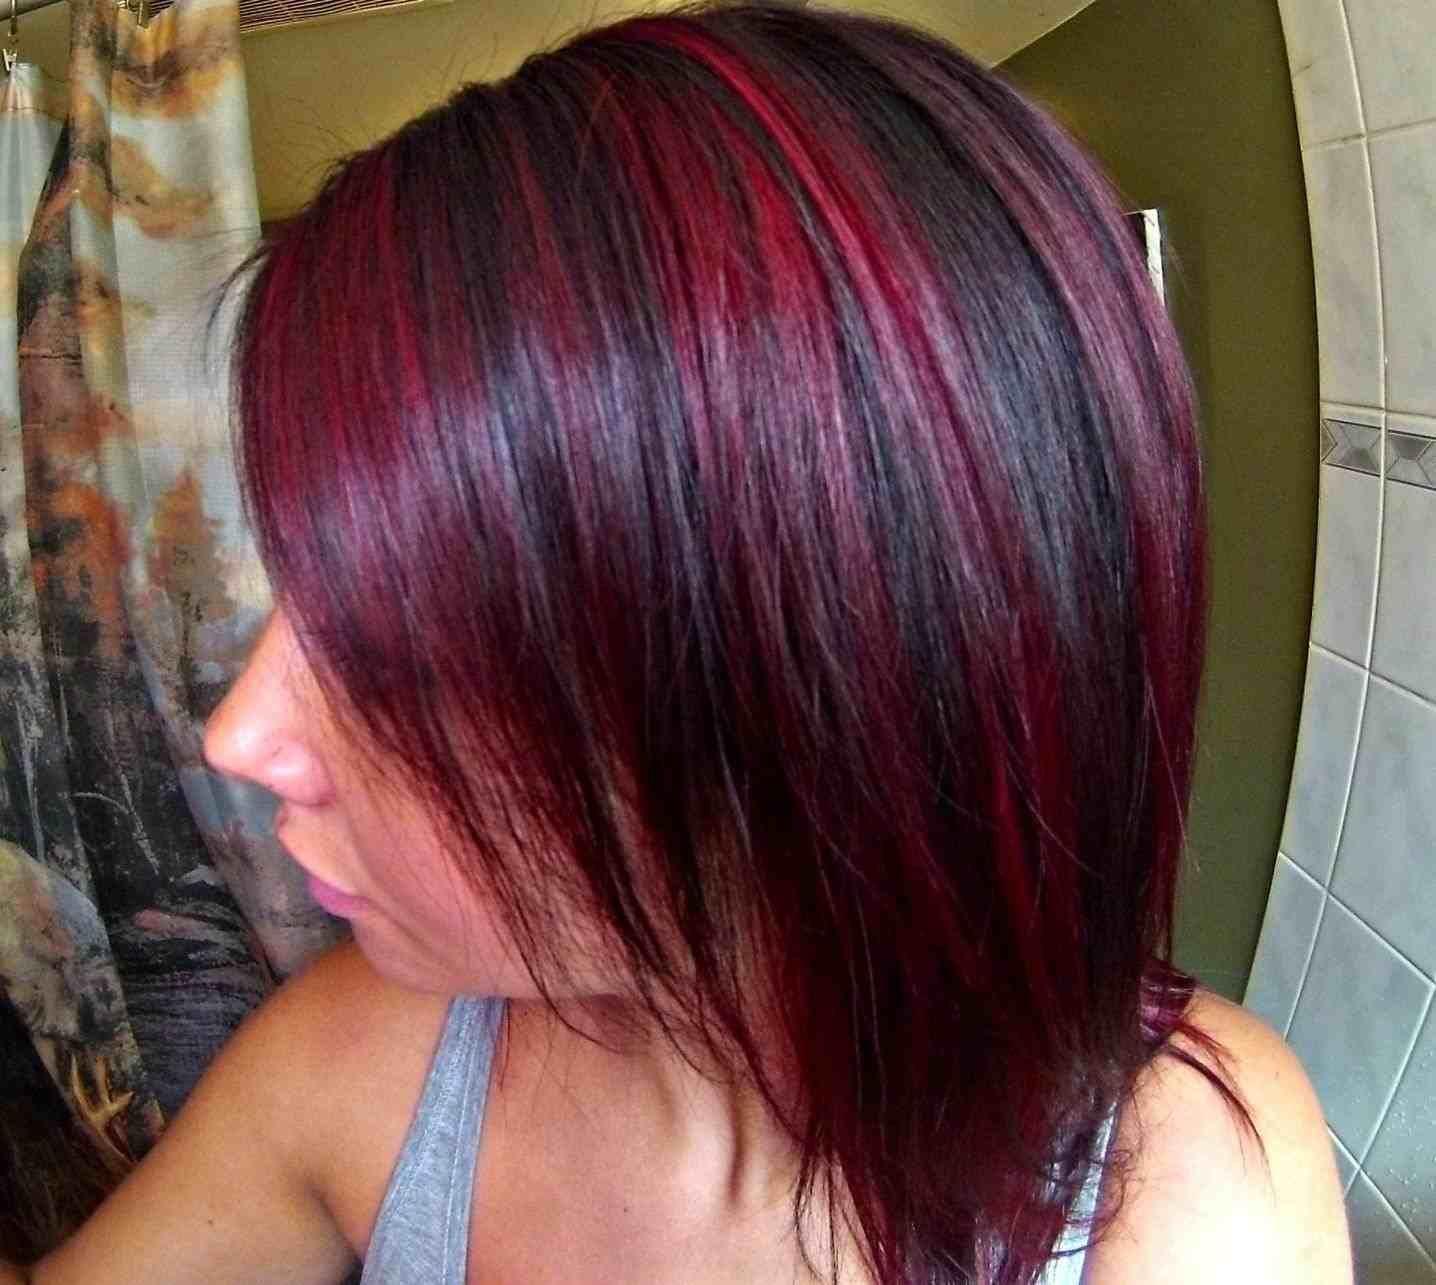 Photo 201 8 Dark Brown Hair With Red Streaks Dark Brown Hairs Blonde Highlights An Hair Highlights Blonde Hair With Highlights Burgundy Hair With Highlights